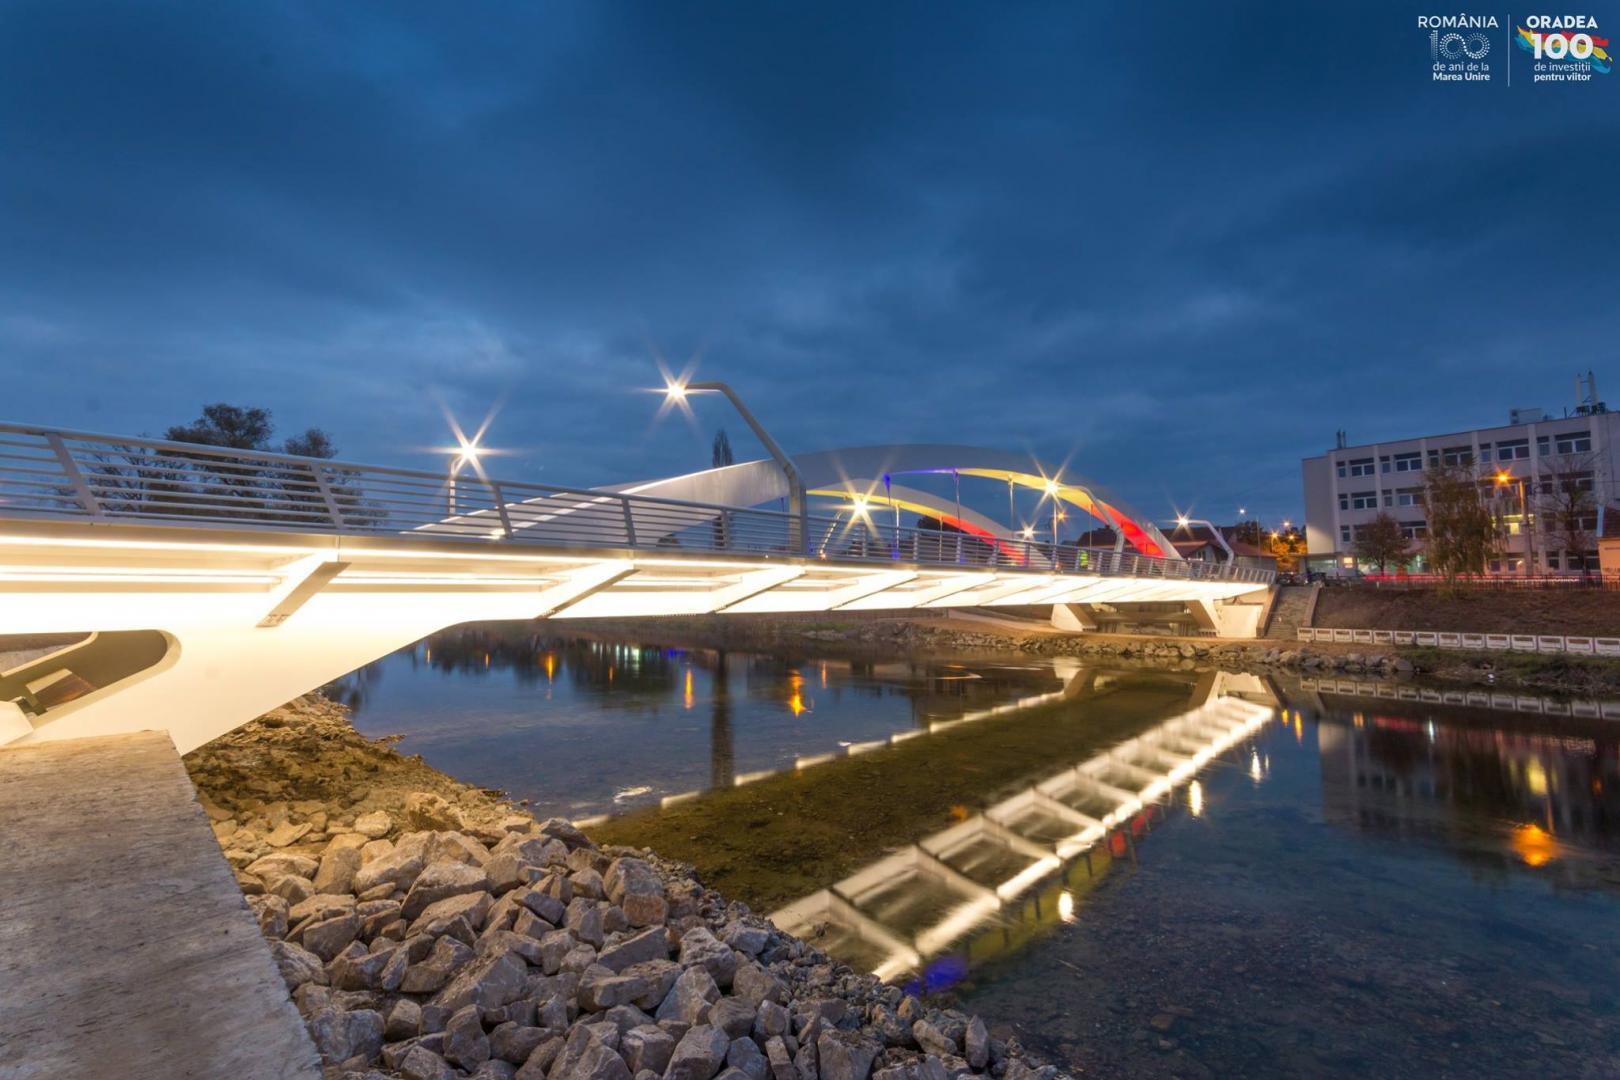 În Cluj-Napoca avem un pod în stadiu de proiect, la fel ca cel din Oradea, pe care se circulă din 2018